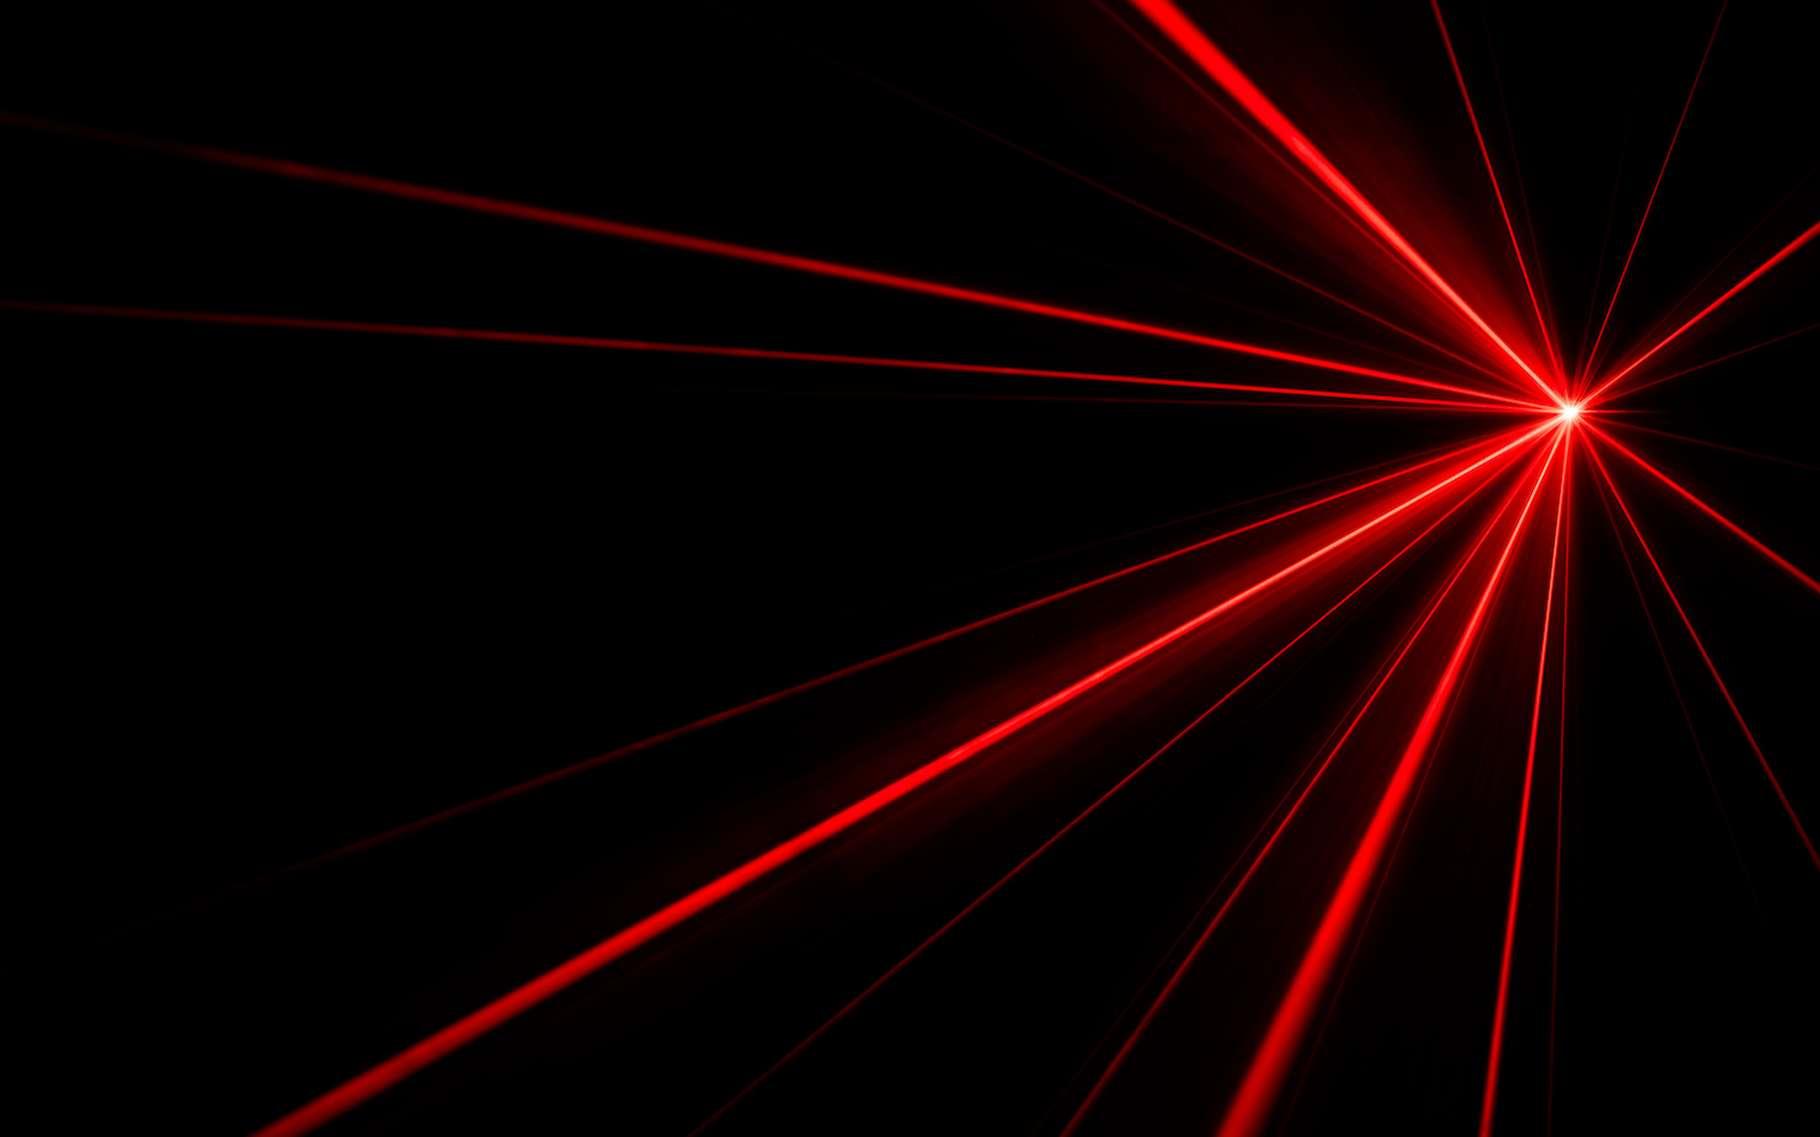 Les travaux d'un physicien de l'université de Californie à Riverside (États-Unis) pourraient aider à concevoir enfin un laser qui — à l'image de ce que fait un laser classique dans le visible — produirait des rayons gamma cohérents. © donatas1205, Adobe Stock